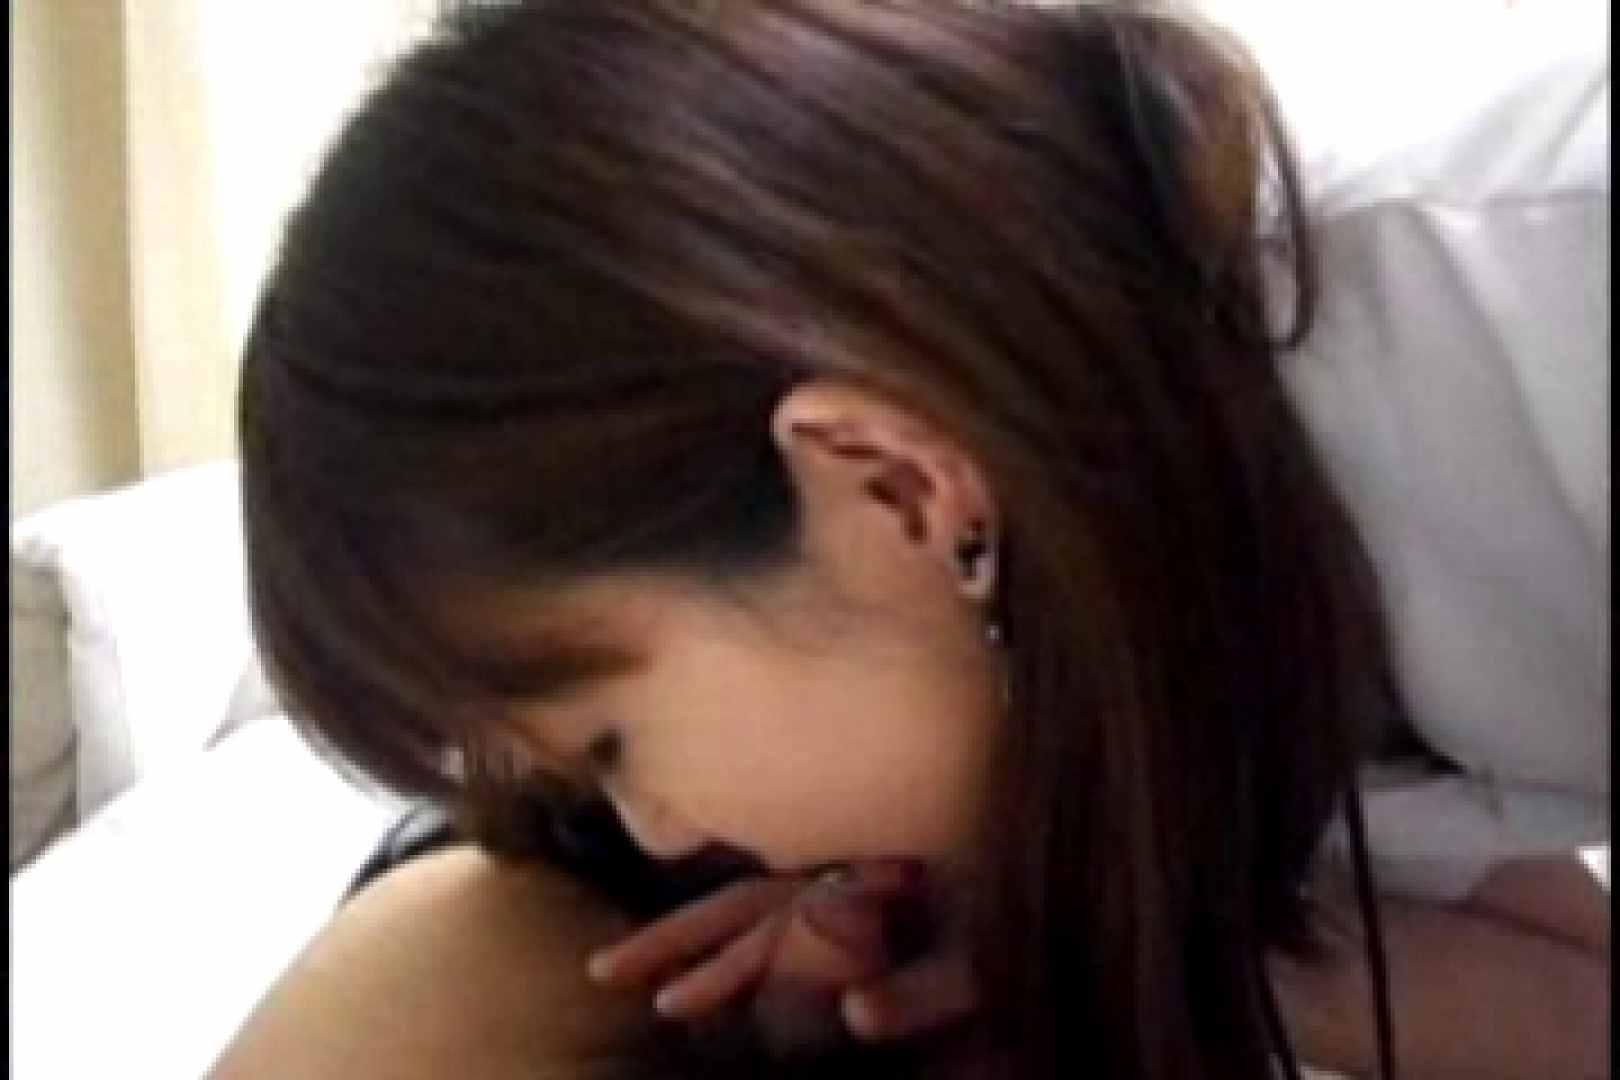 ヤリマンと呼ばれた看護士さんvol1 OL裸体 | シックスナイン  61画像 46